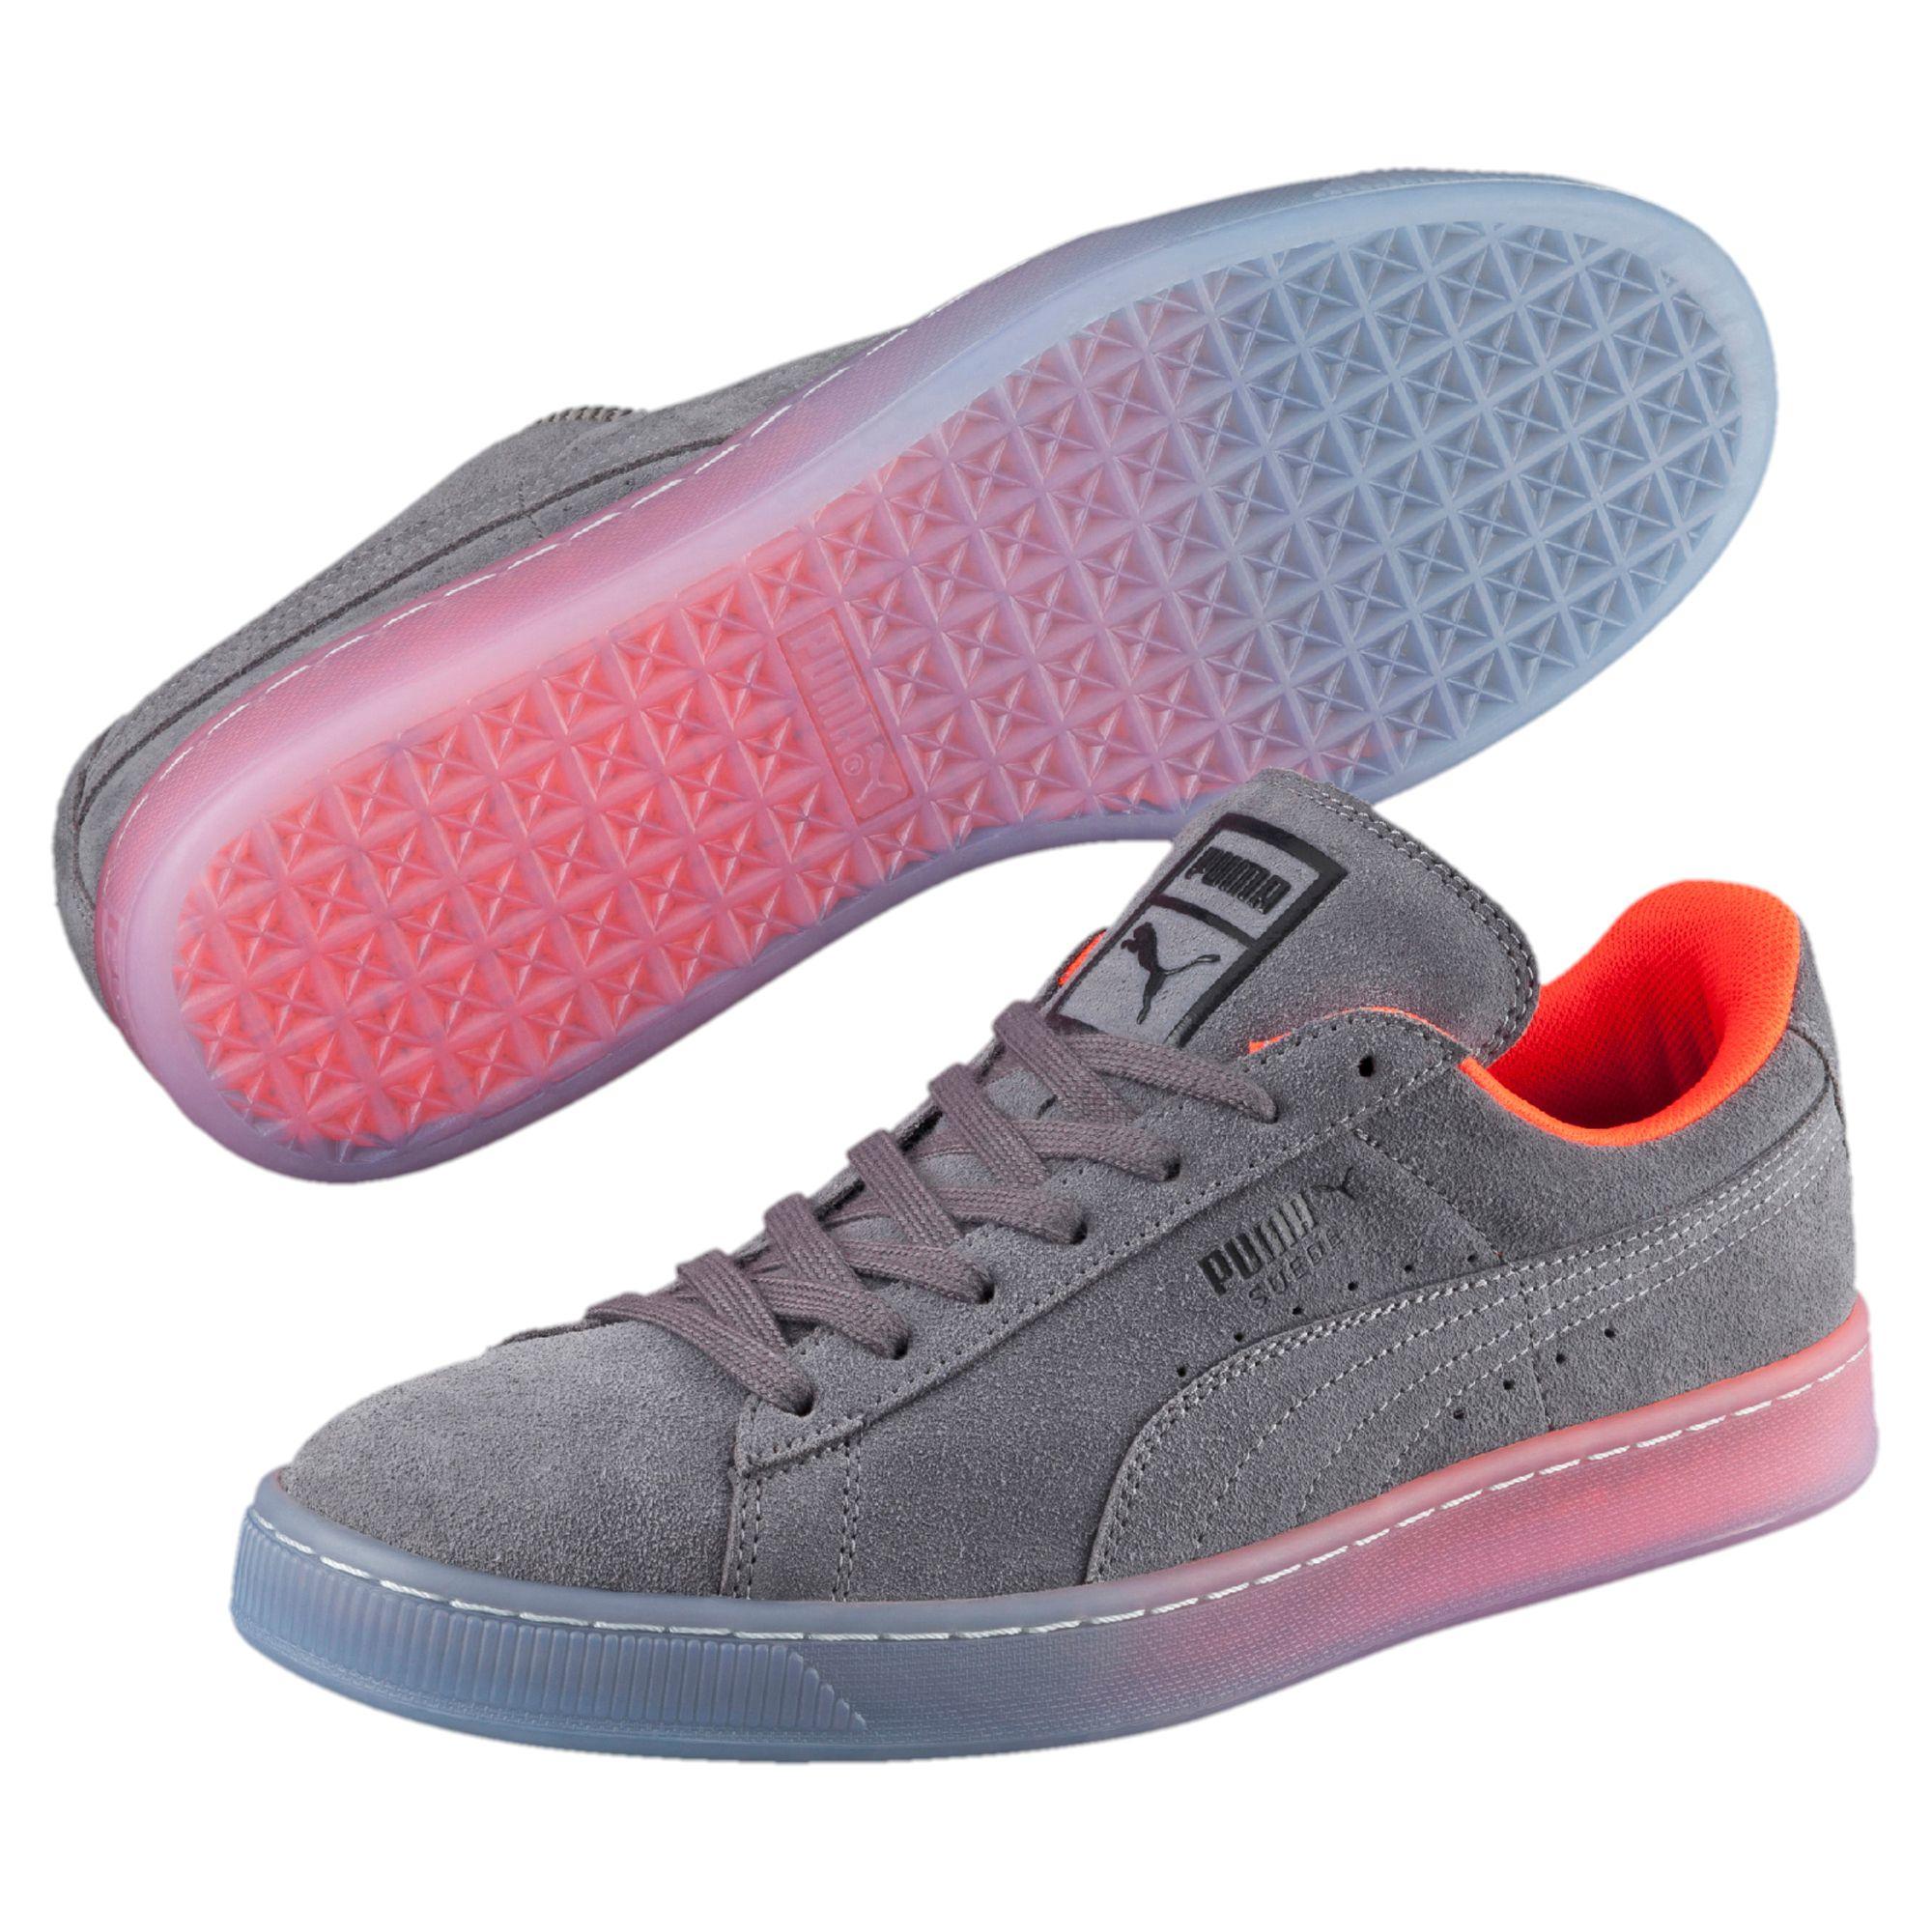 e3f734fd5403 Lyst - PUMA Suede Classic V2 Fade Future Men s Sneakers in Gray for Men